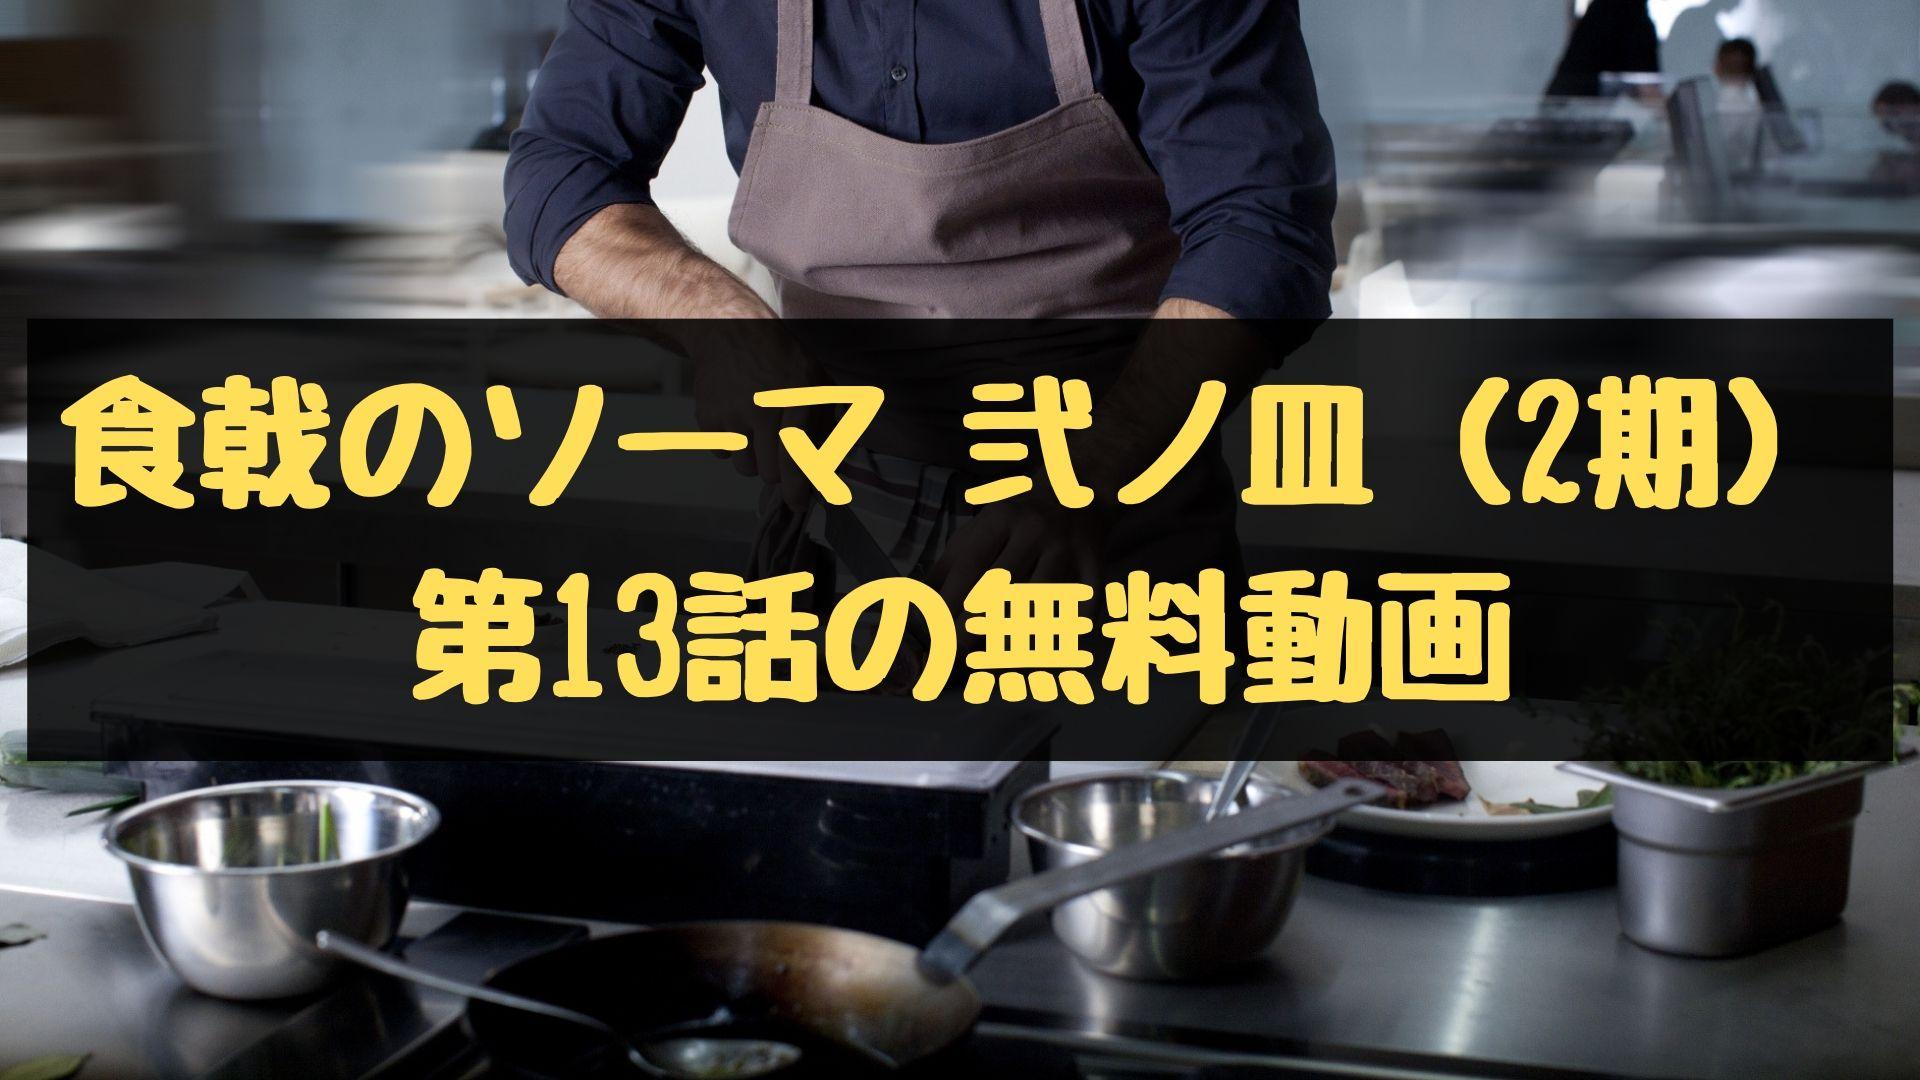 食戟のソーマ 弐ノ皿(2期) 第13話の無料動画